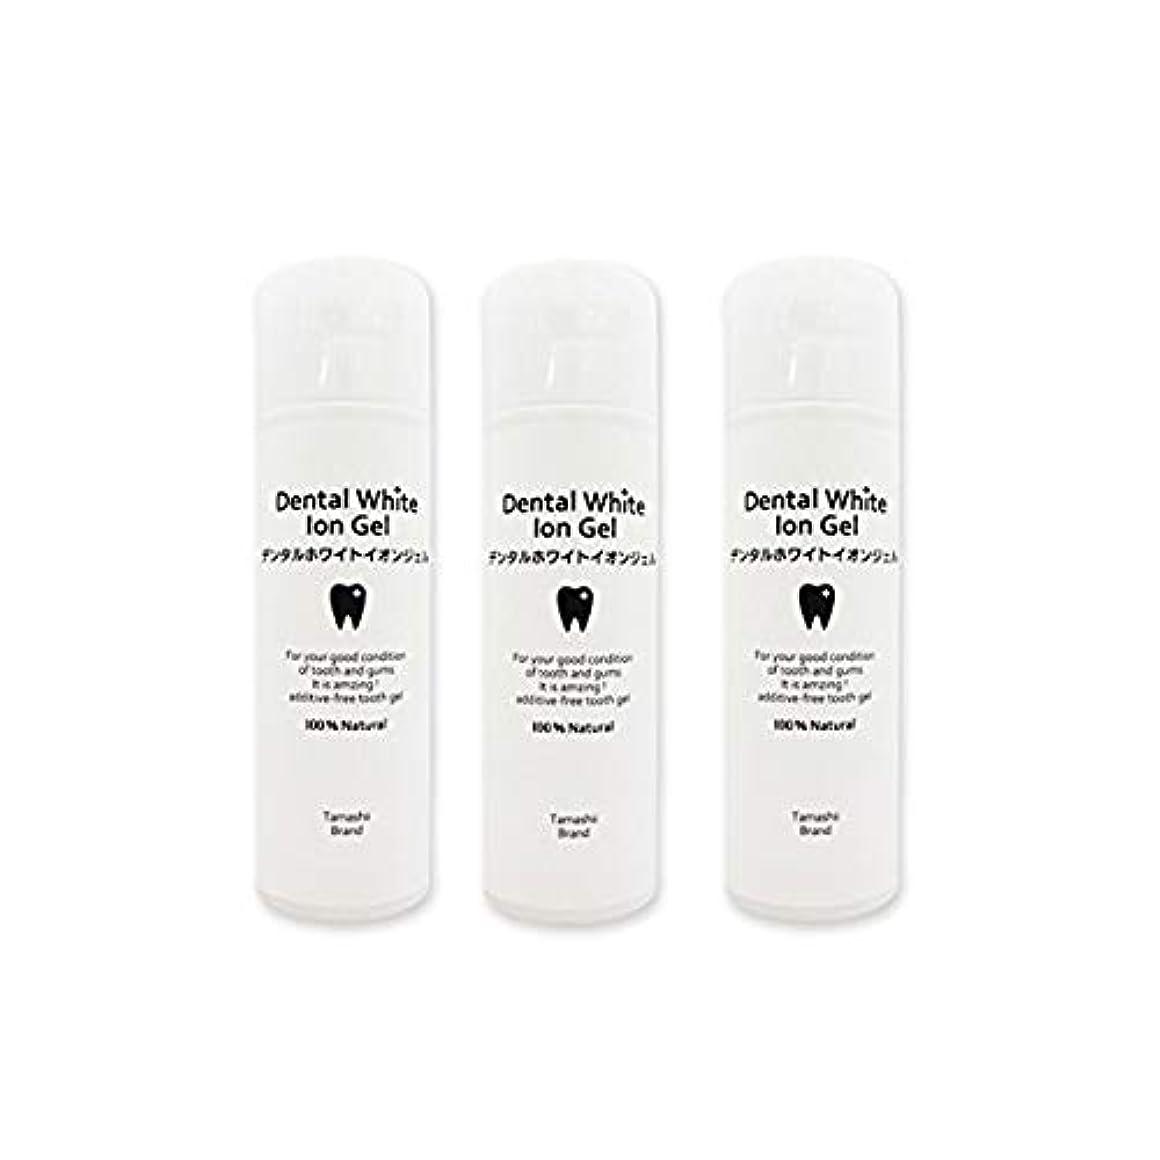 実業家狼バンデンタルホワイトイオンジェル3個セット (100ml ×3個)無添加歯磨きジェル 界面活性剤?研磨剤?フッ素?発泡剤不使用